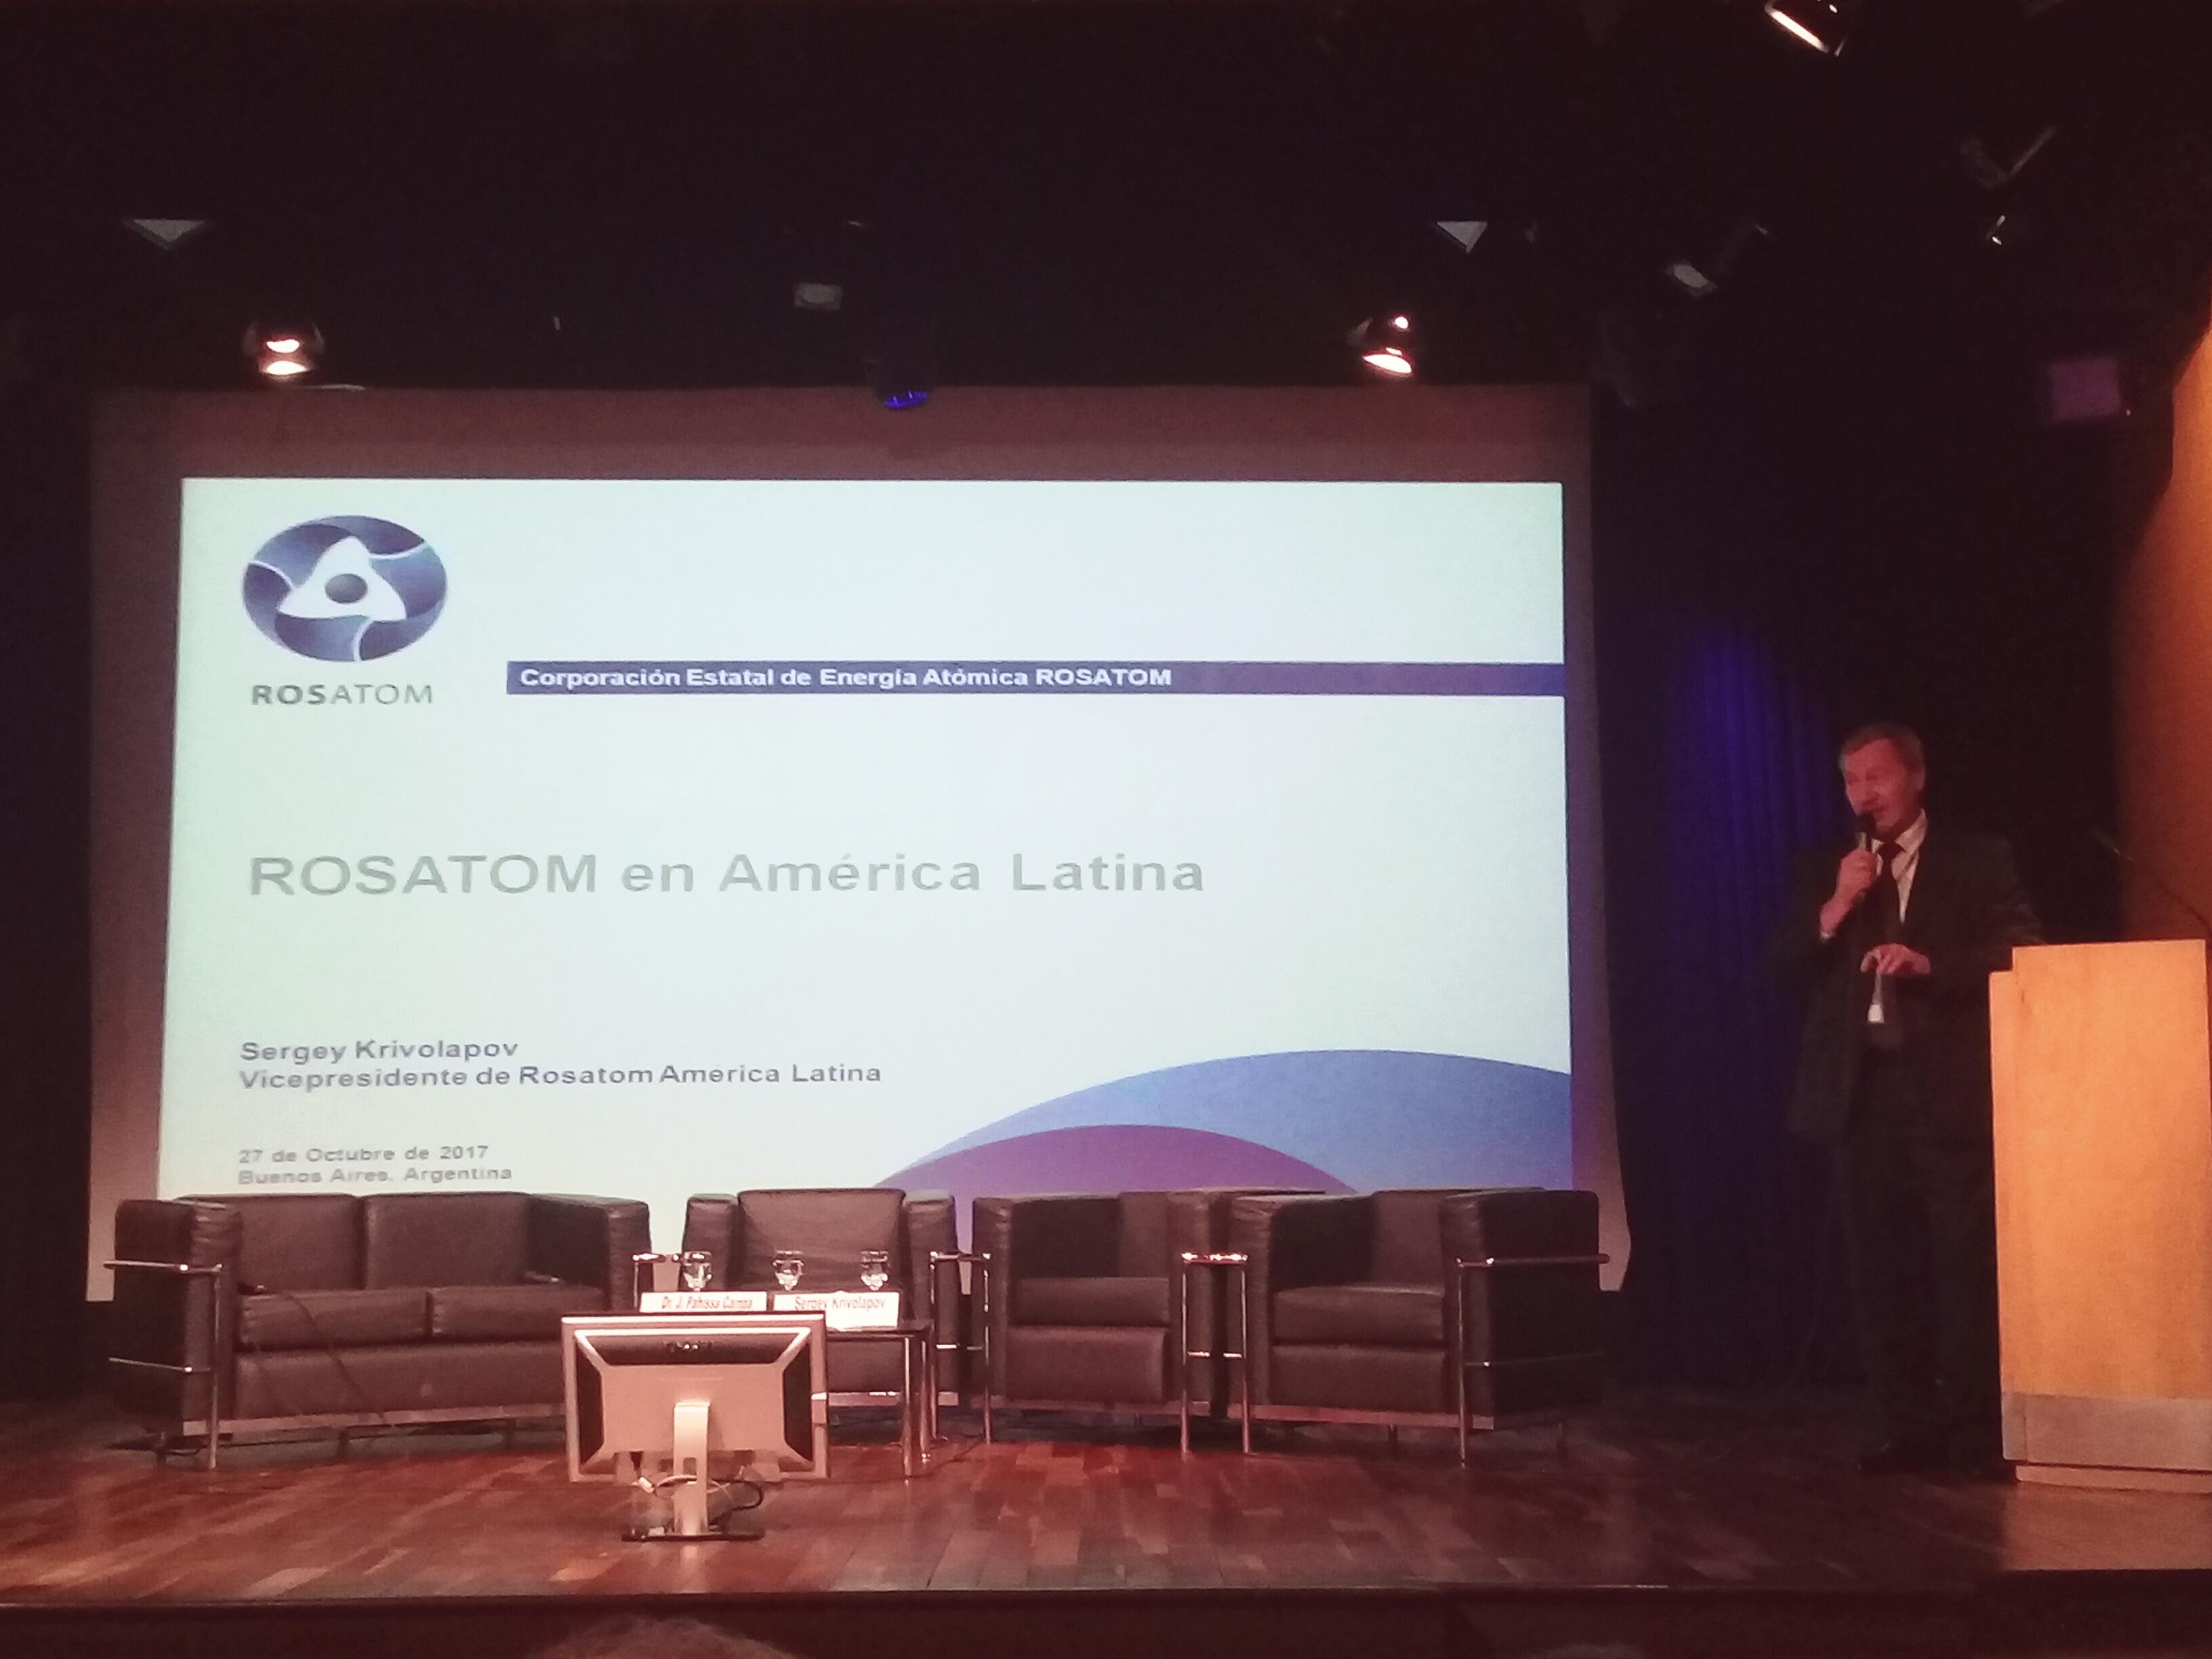 Rosatom en la XLIV Reunión Anual de la Asociación Argentina de Tecnología Nuclear (AATN)